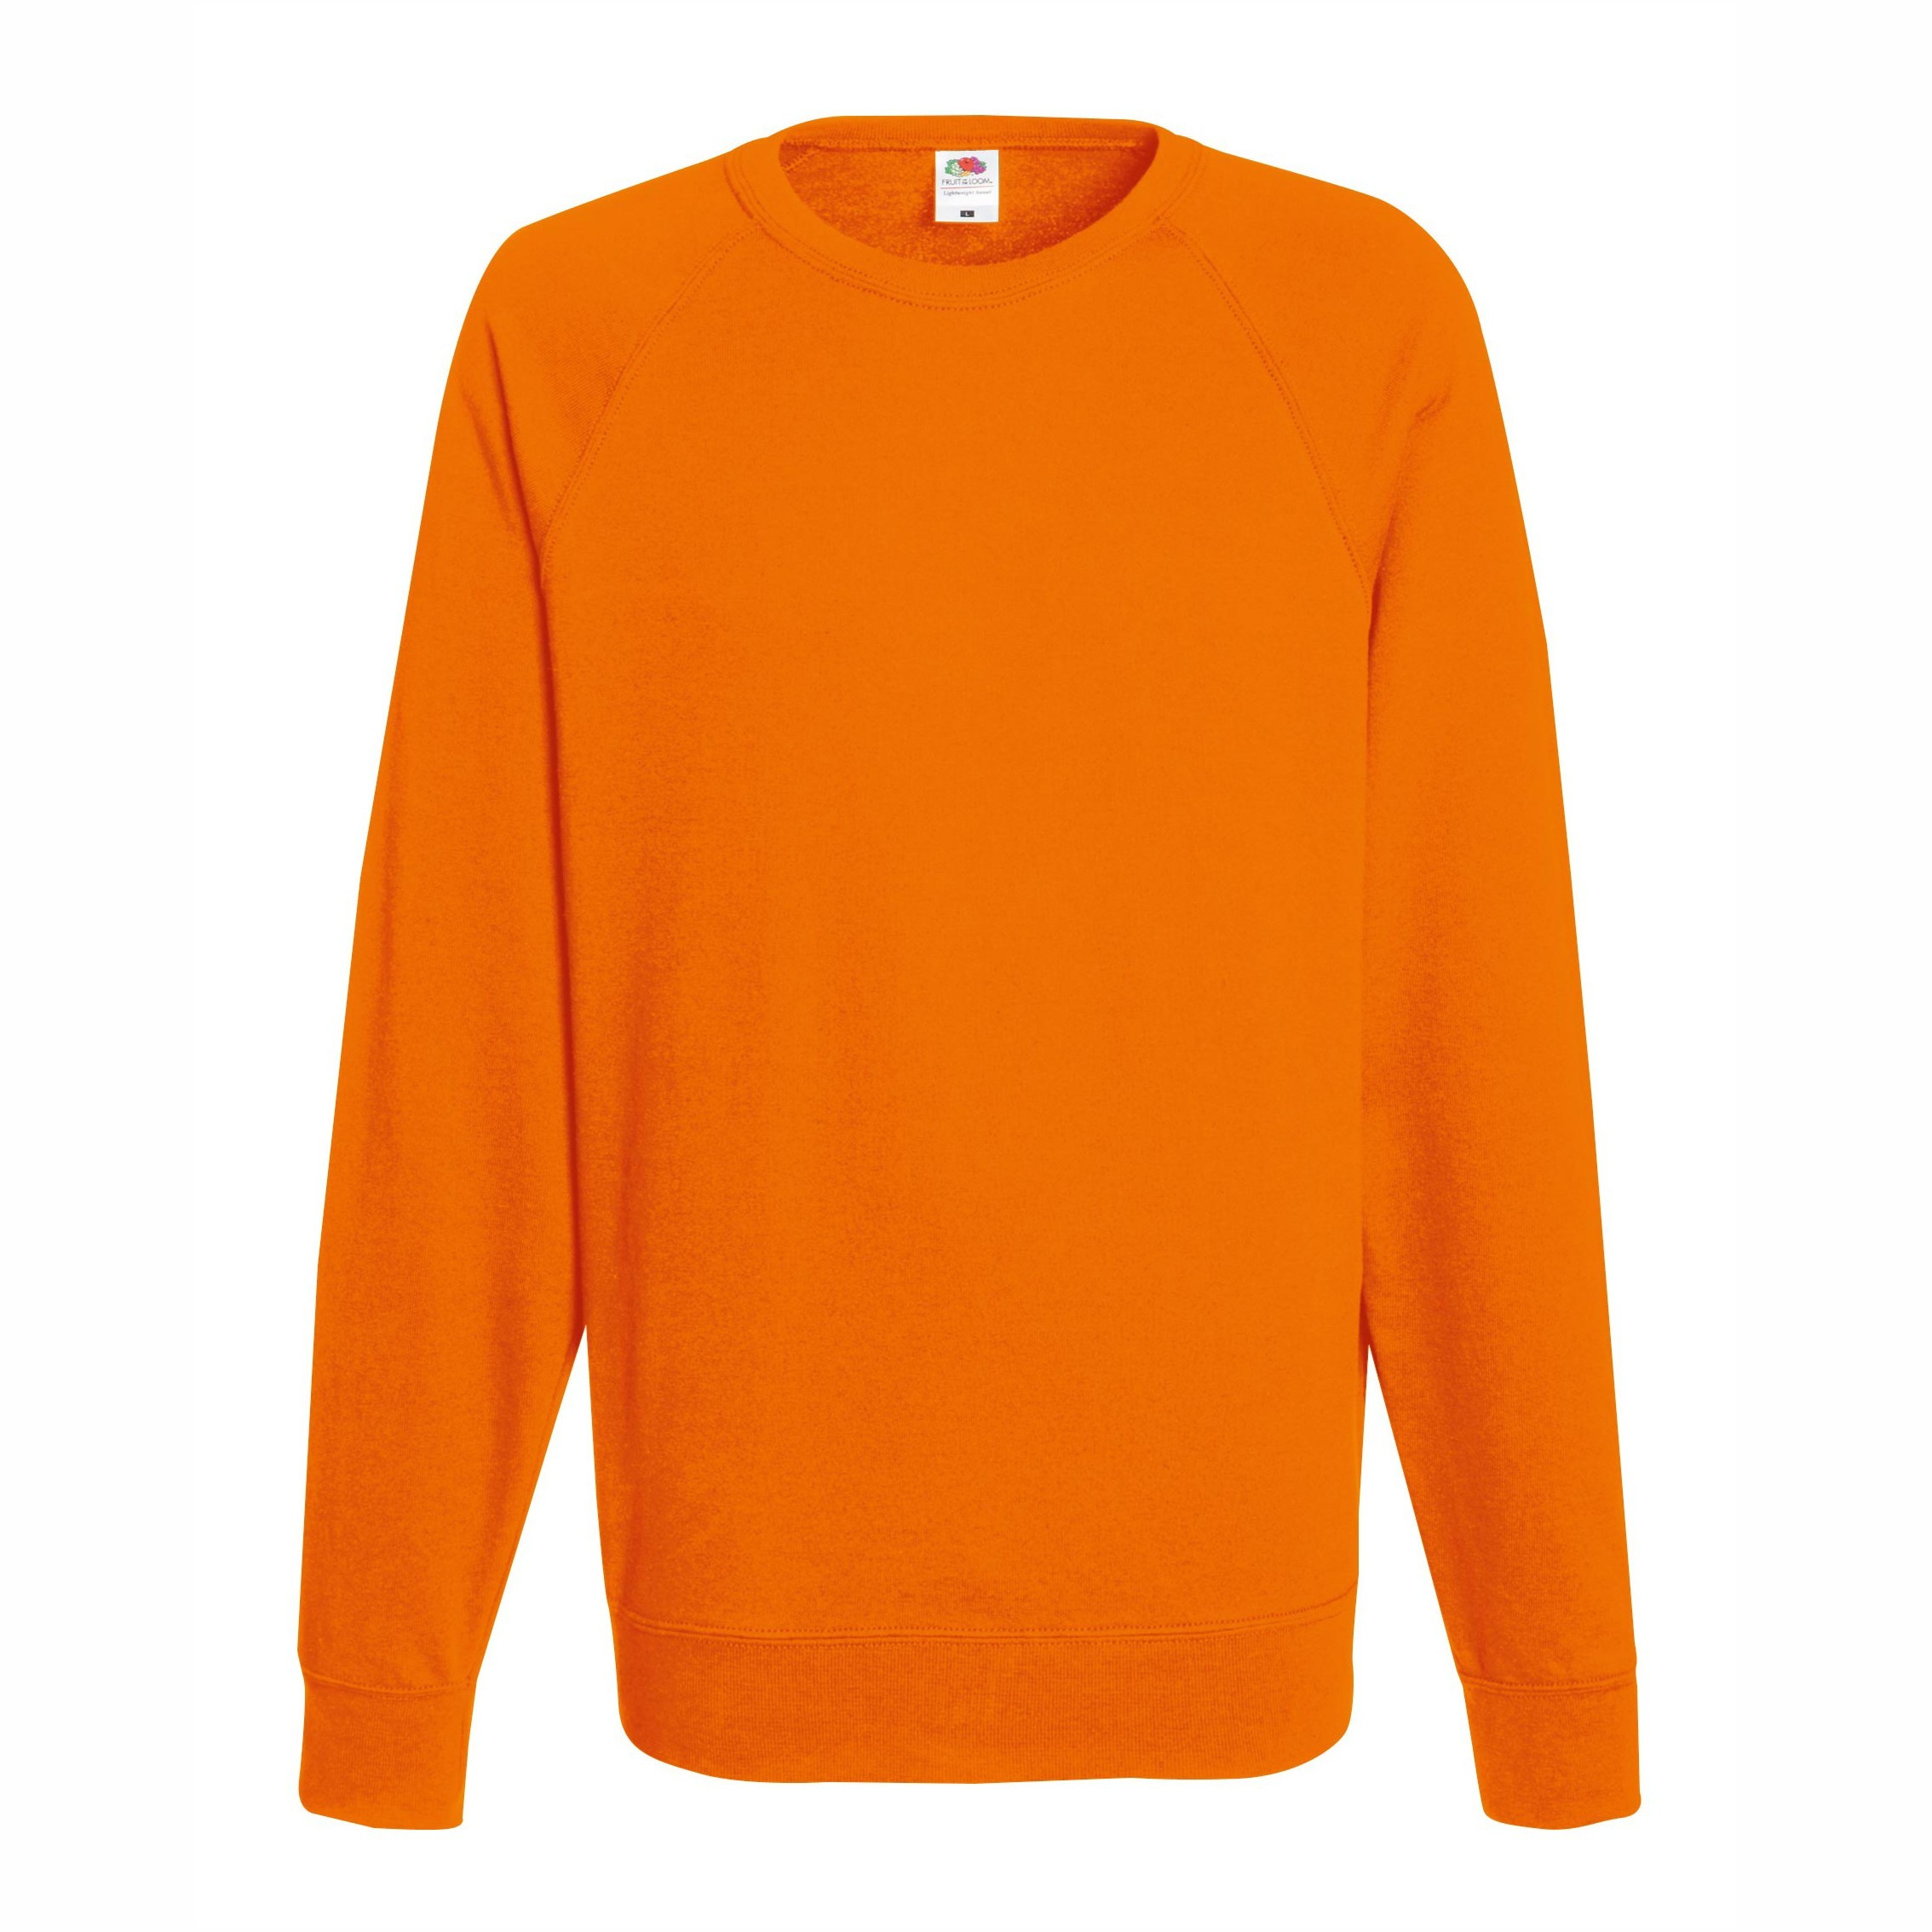 Мъжка блуза с дълъг ръкав модел ID10 (оранжева)